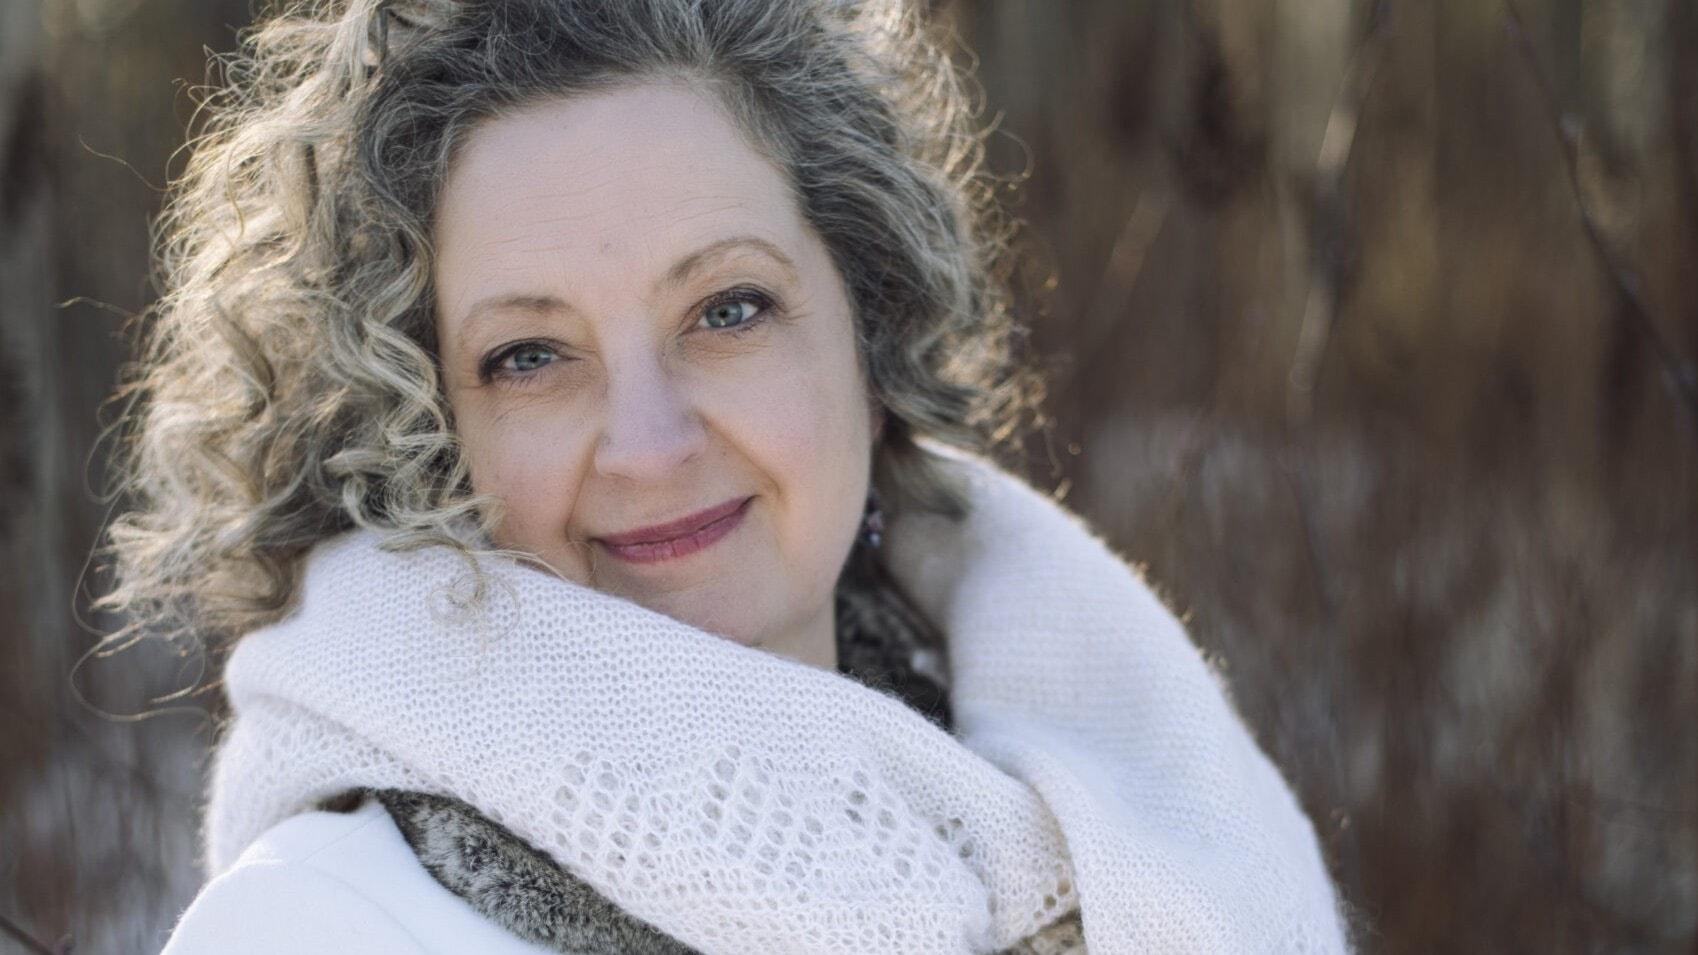 DIREKT: En barockresa med Ann Hallenberg - spela